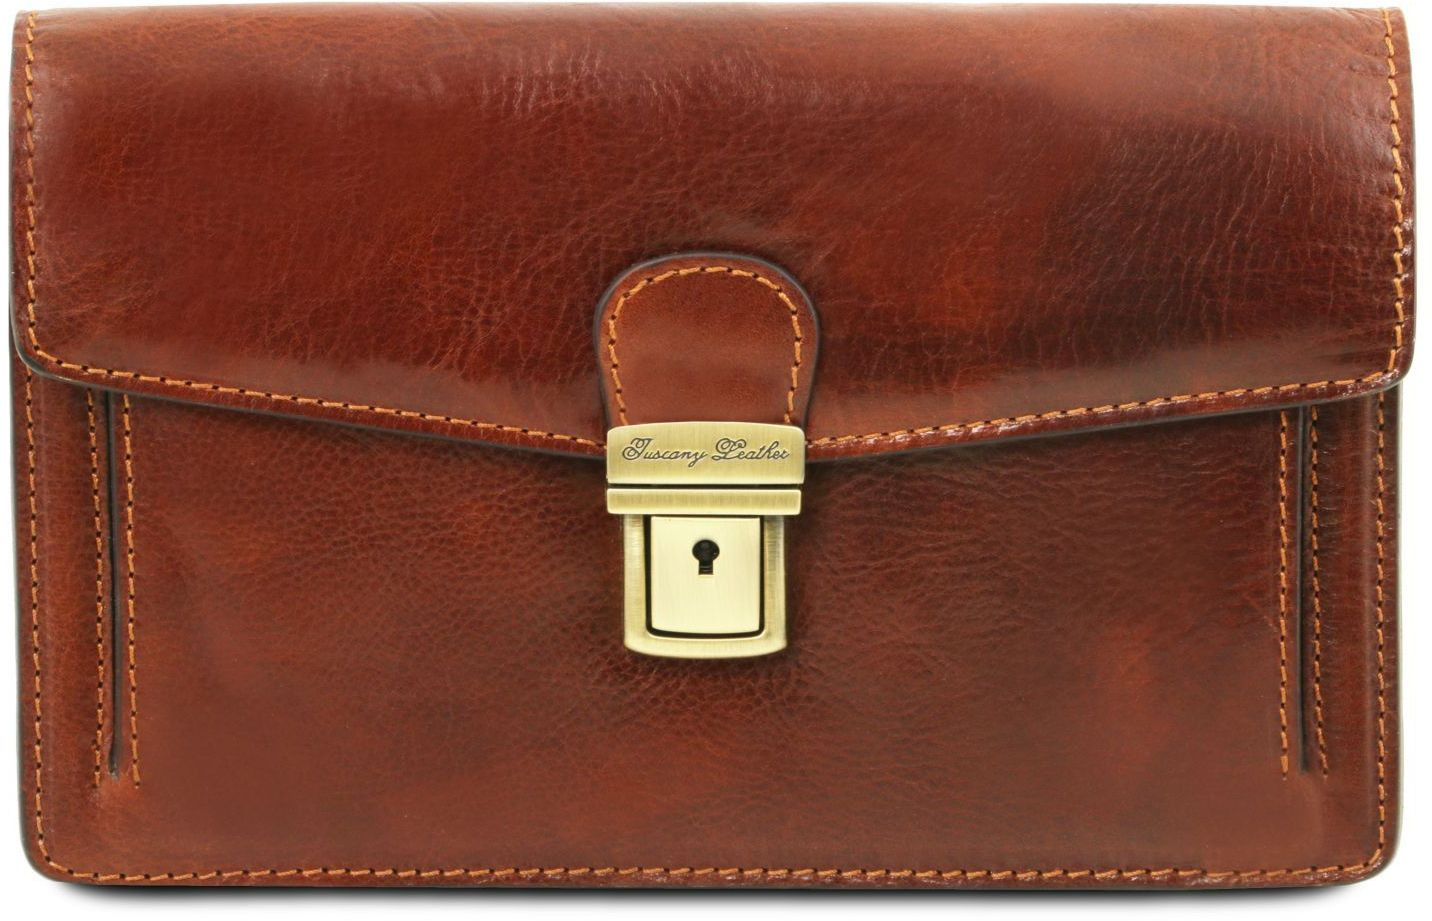 Ανδρικό Τσαντάκι Δερμάτινο Tommy Καφέ Tuscany Leather ανδρας   τσαντάκια